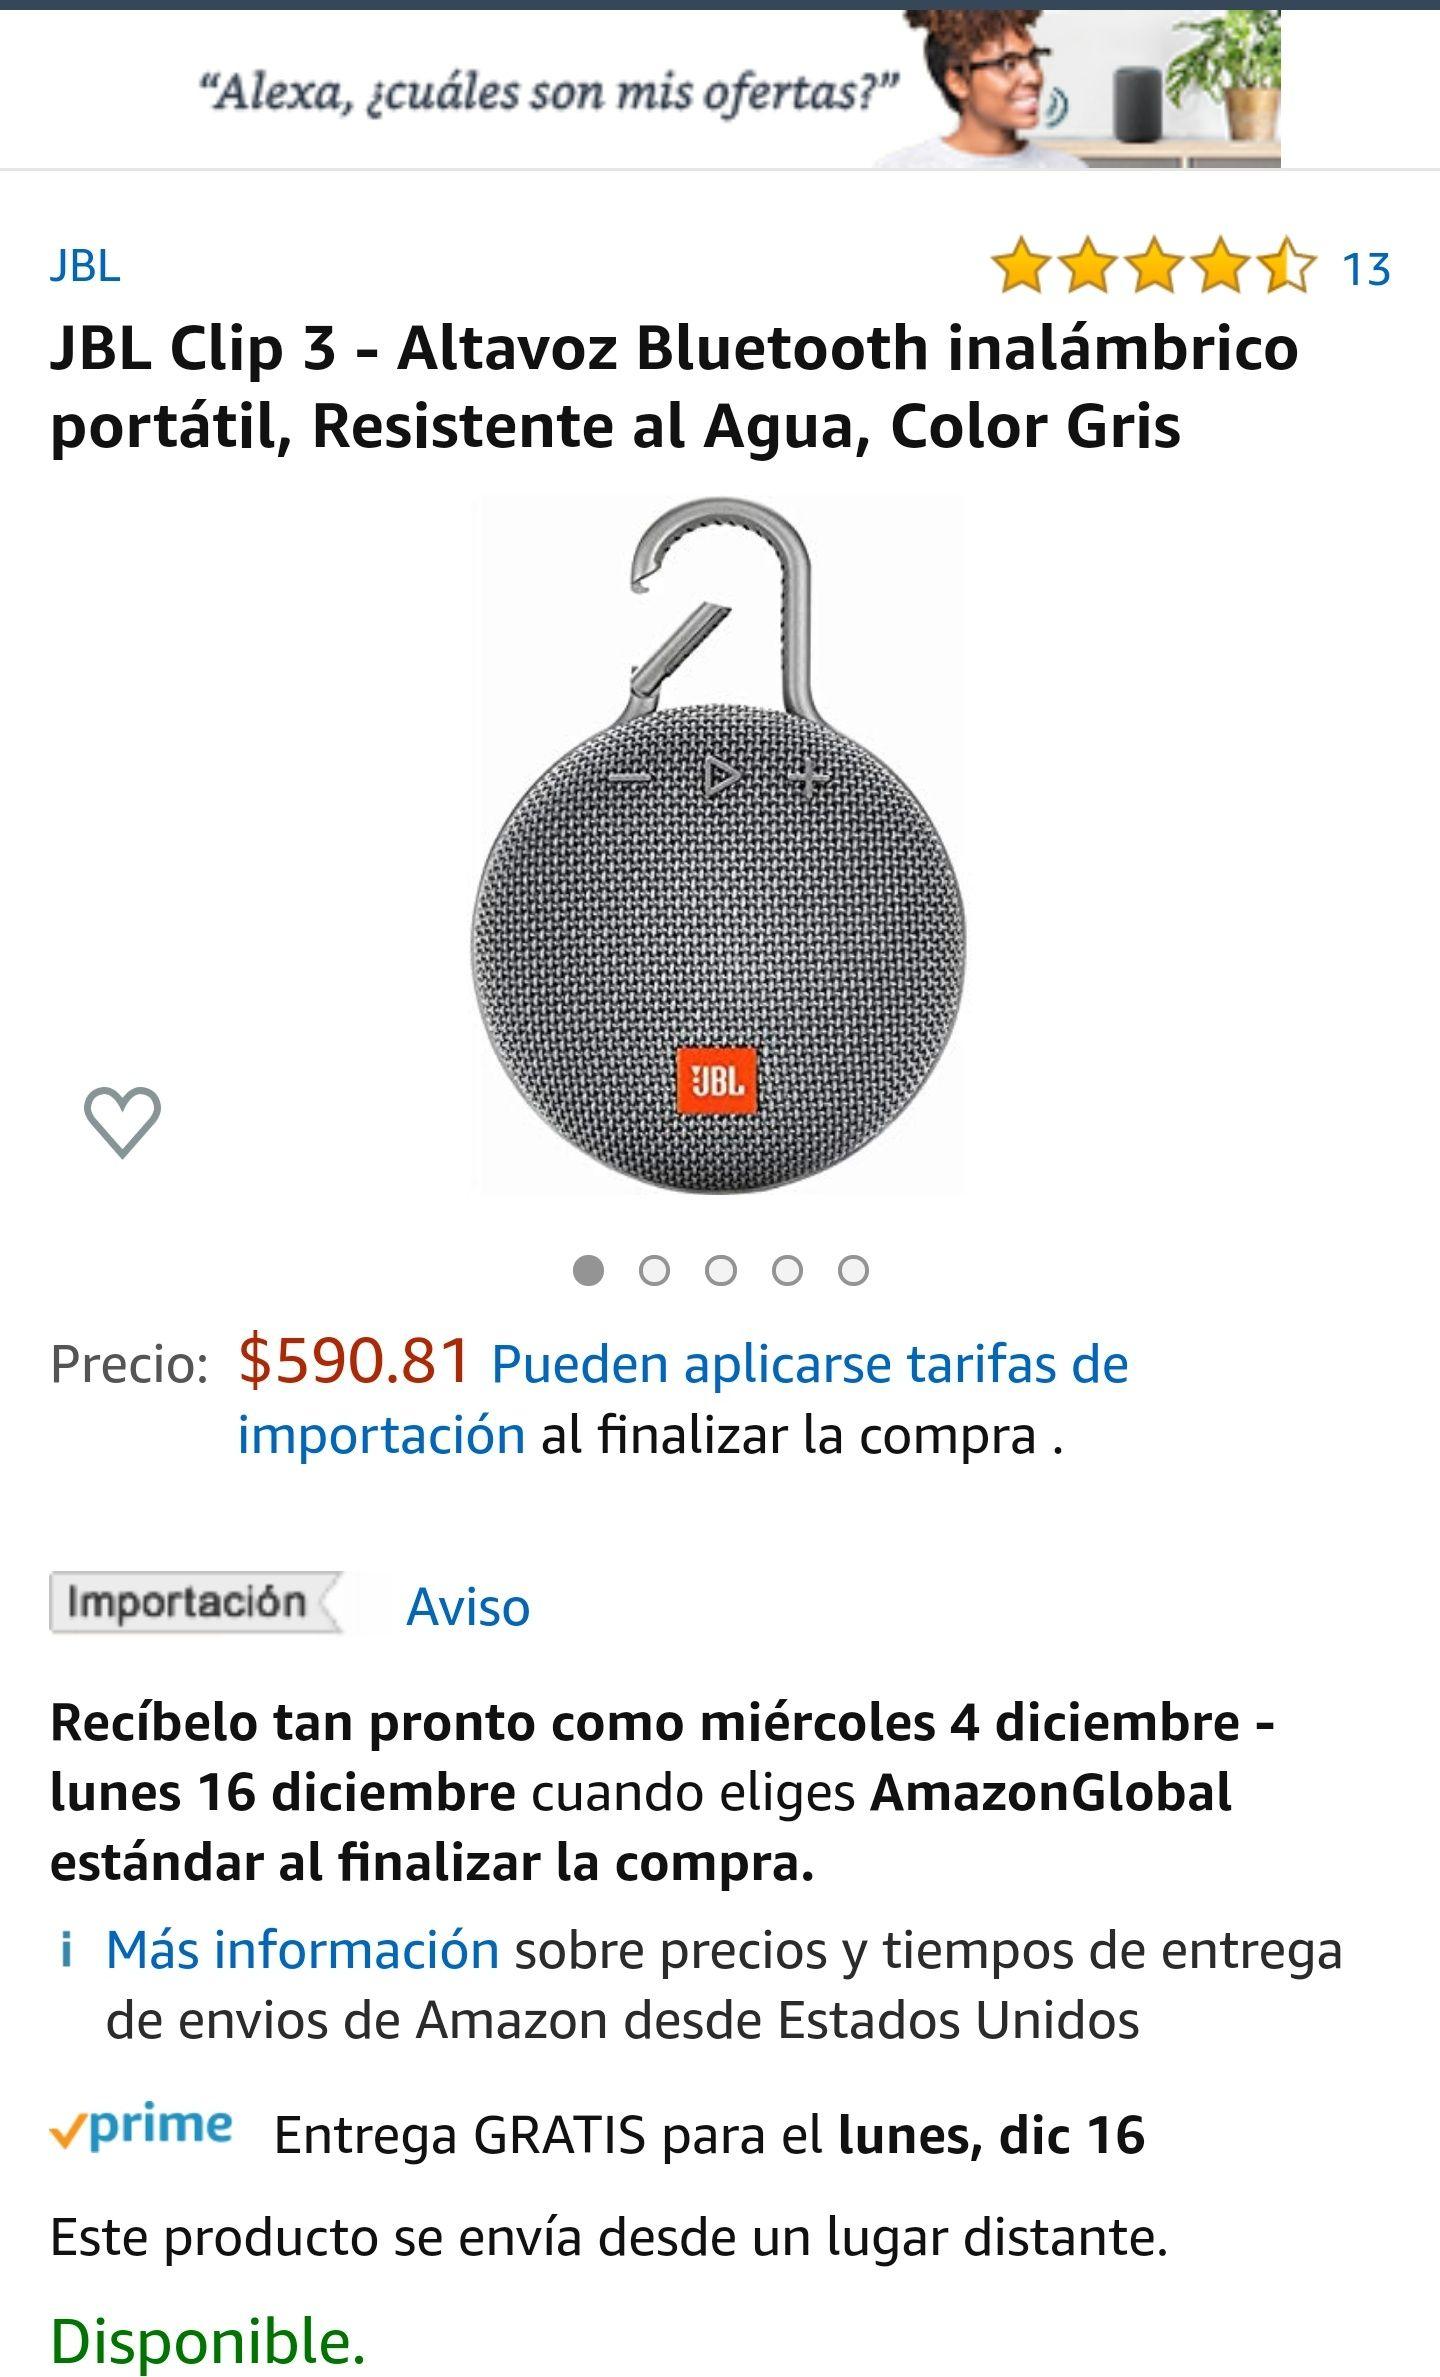 Amazon: Bocina Bluetooth JBL Clip 3 en 590 pesos colores gris, negro y rosa.